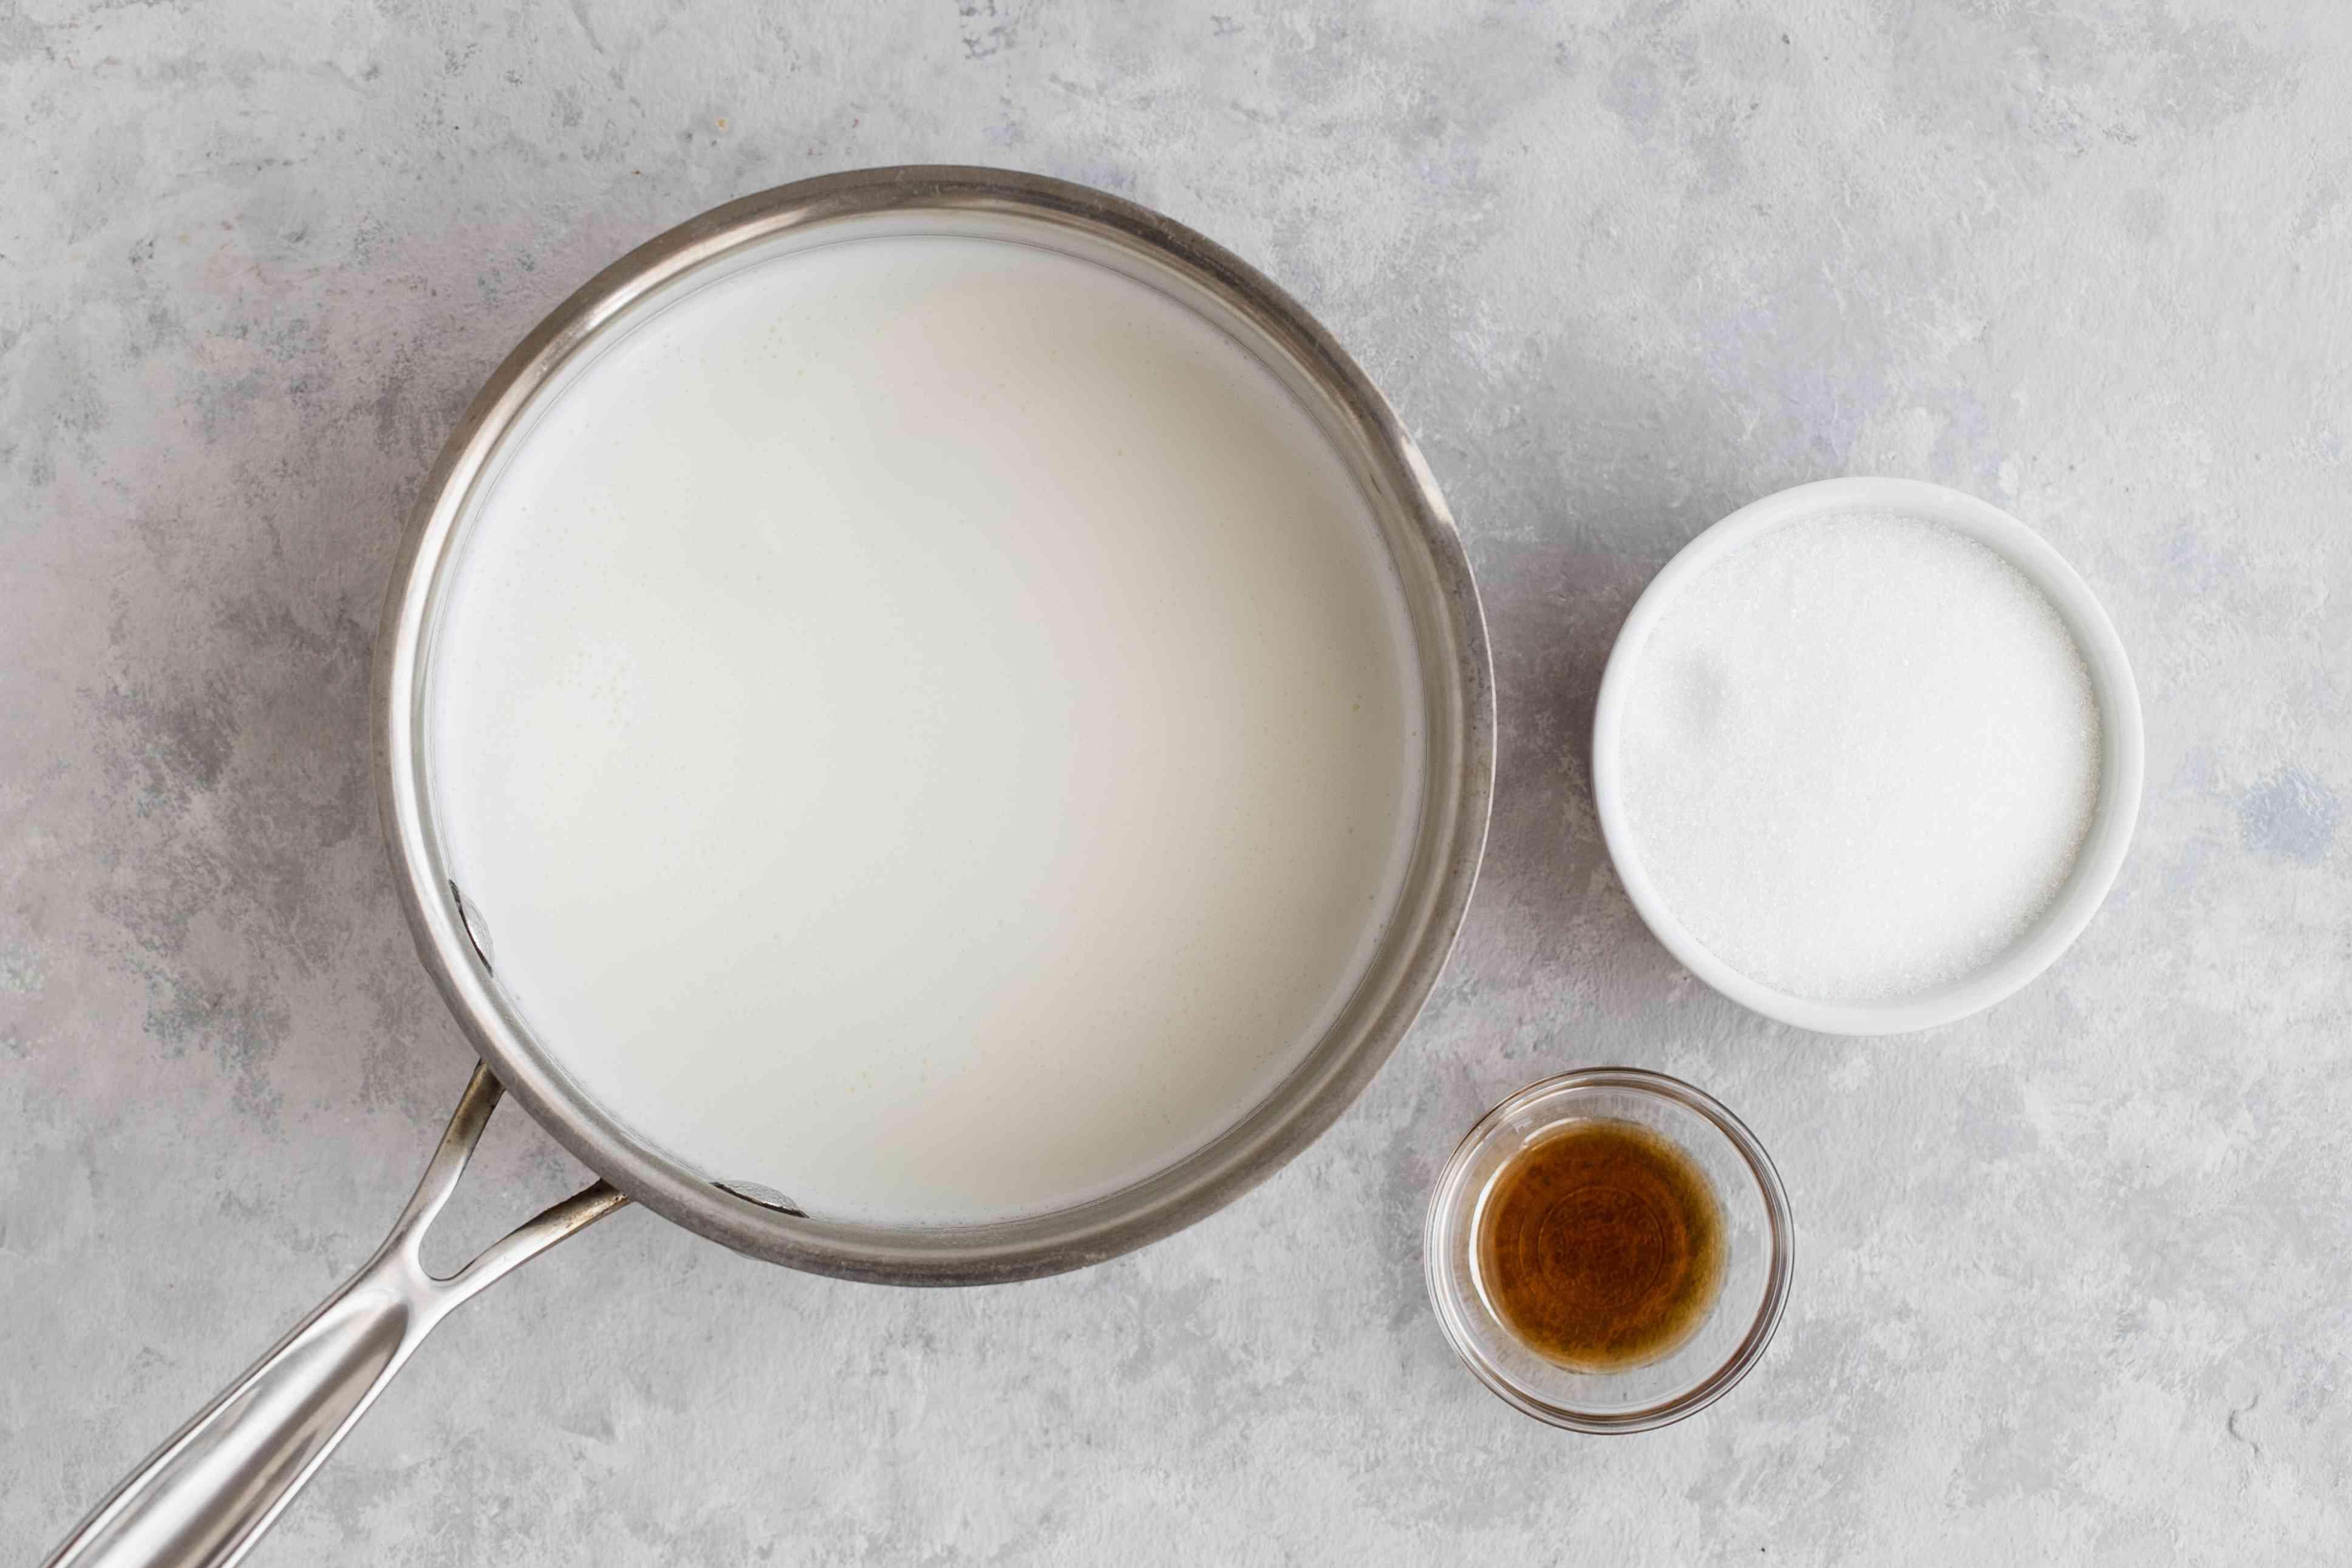 Dissolve sugar in milk